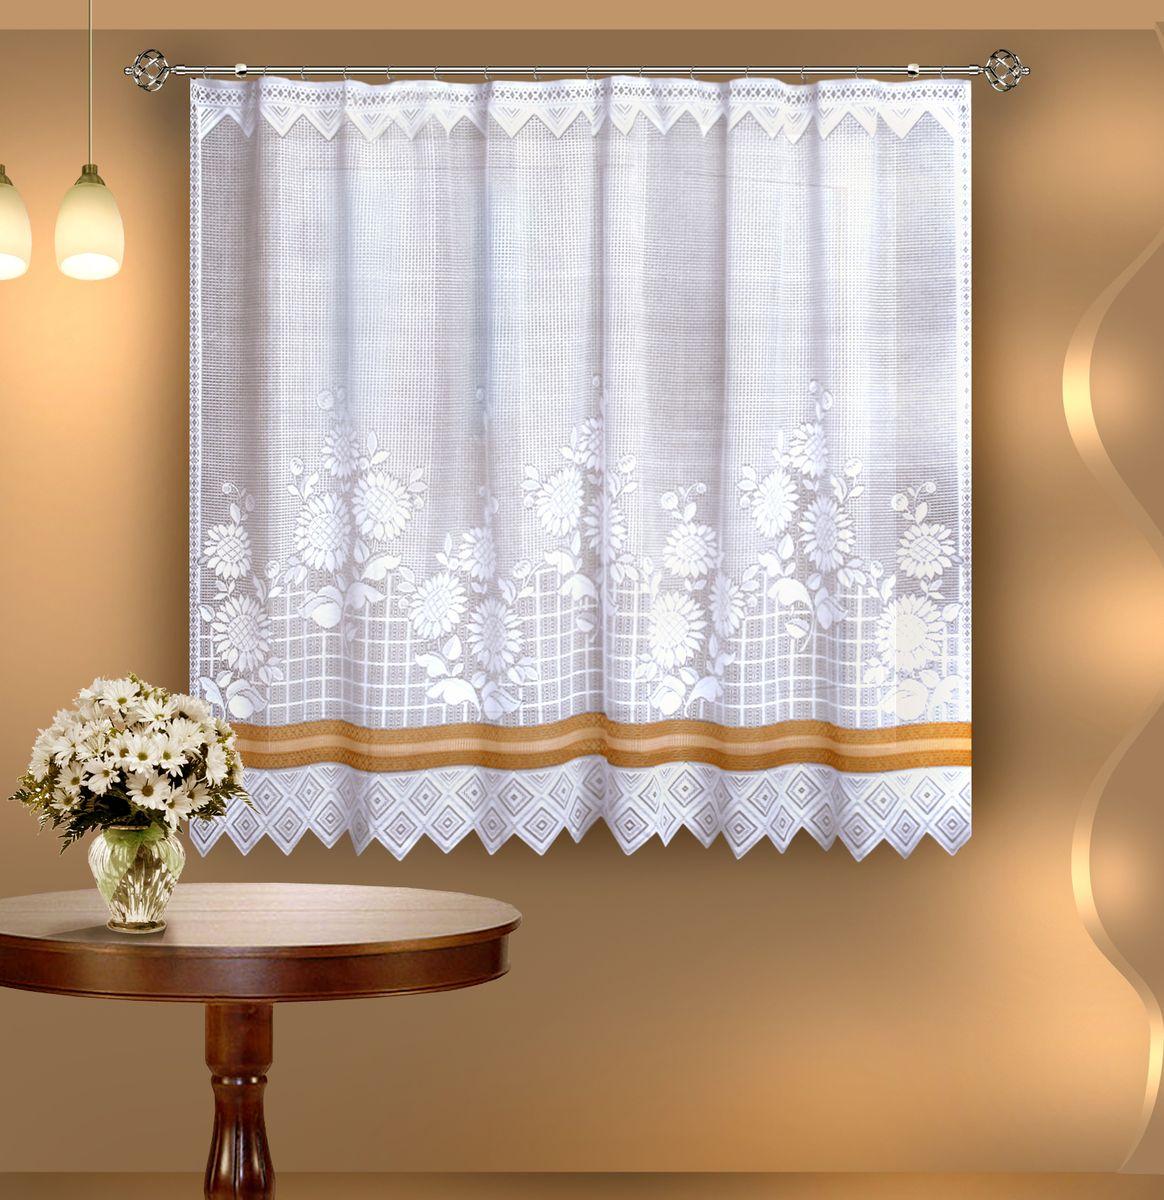 Гардина Zlata Korunka, цвет: белый, коричневый, высота 175 см. 8883388833Воздушная гардина Zlata Korunka, изготовленная из полиэстера белого цвета, станет великолепным украшением любого окна. Гардина выполнена сетчатого материала и декорирована рисунками в виде подсолнухов. Тонкое плетение и оригинальный дизайн привлекут к себе внимание и органично впишутся в интерьер. Верхняя часть гардины не оснащена креплениями.